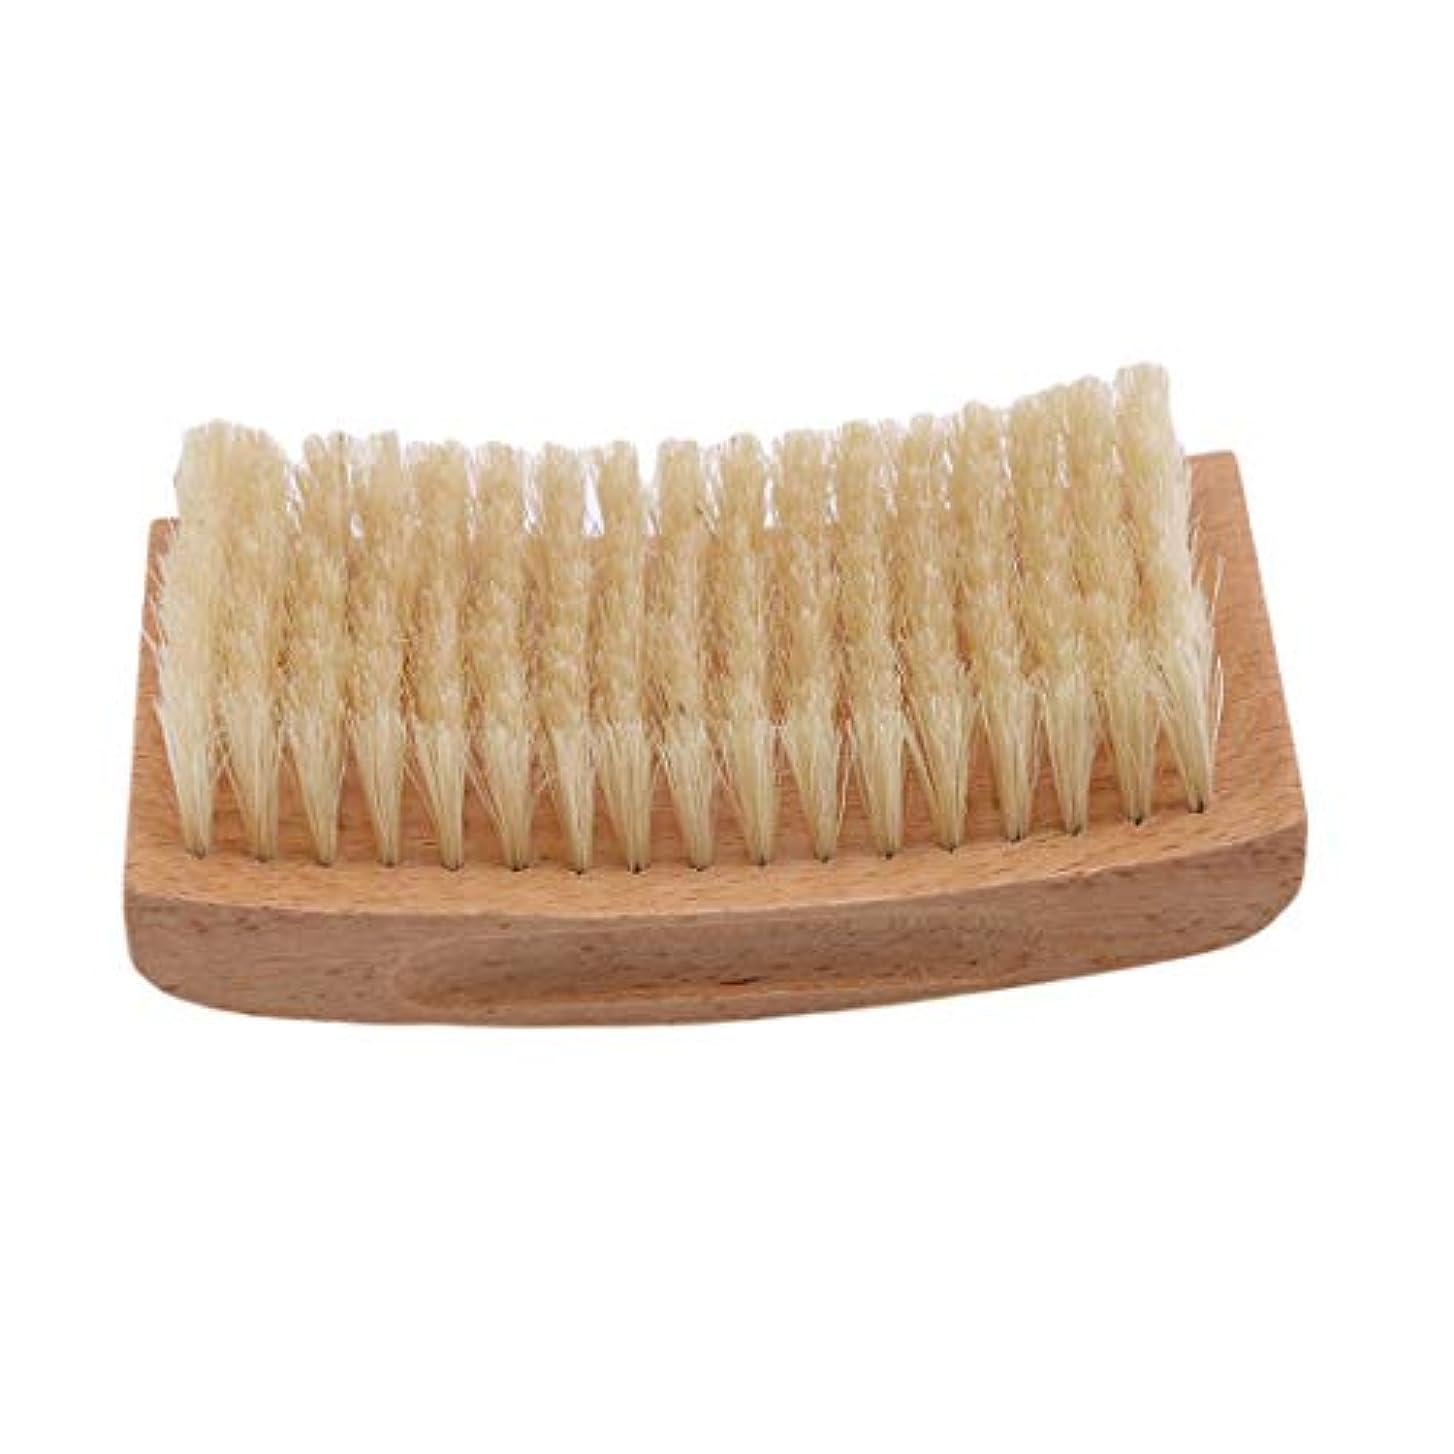 いちゃつく凍った暗殺するKLUMA ひげブラシ シェービングブラシ 理容 洗顔 髭剃り 泡立ち 洗顔ブラシ 2#